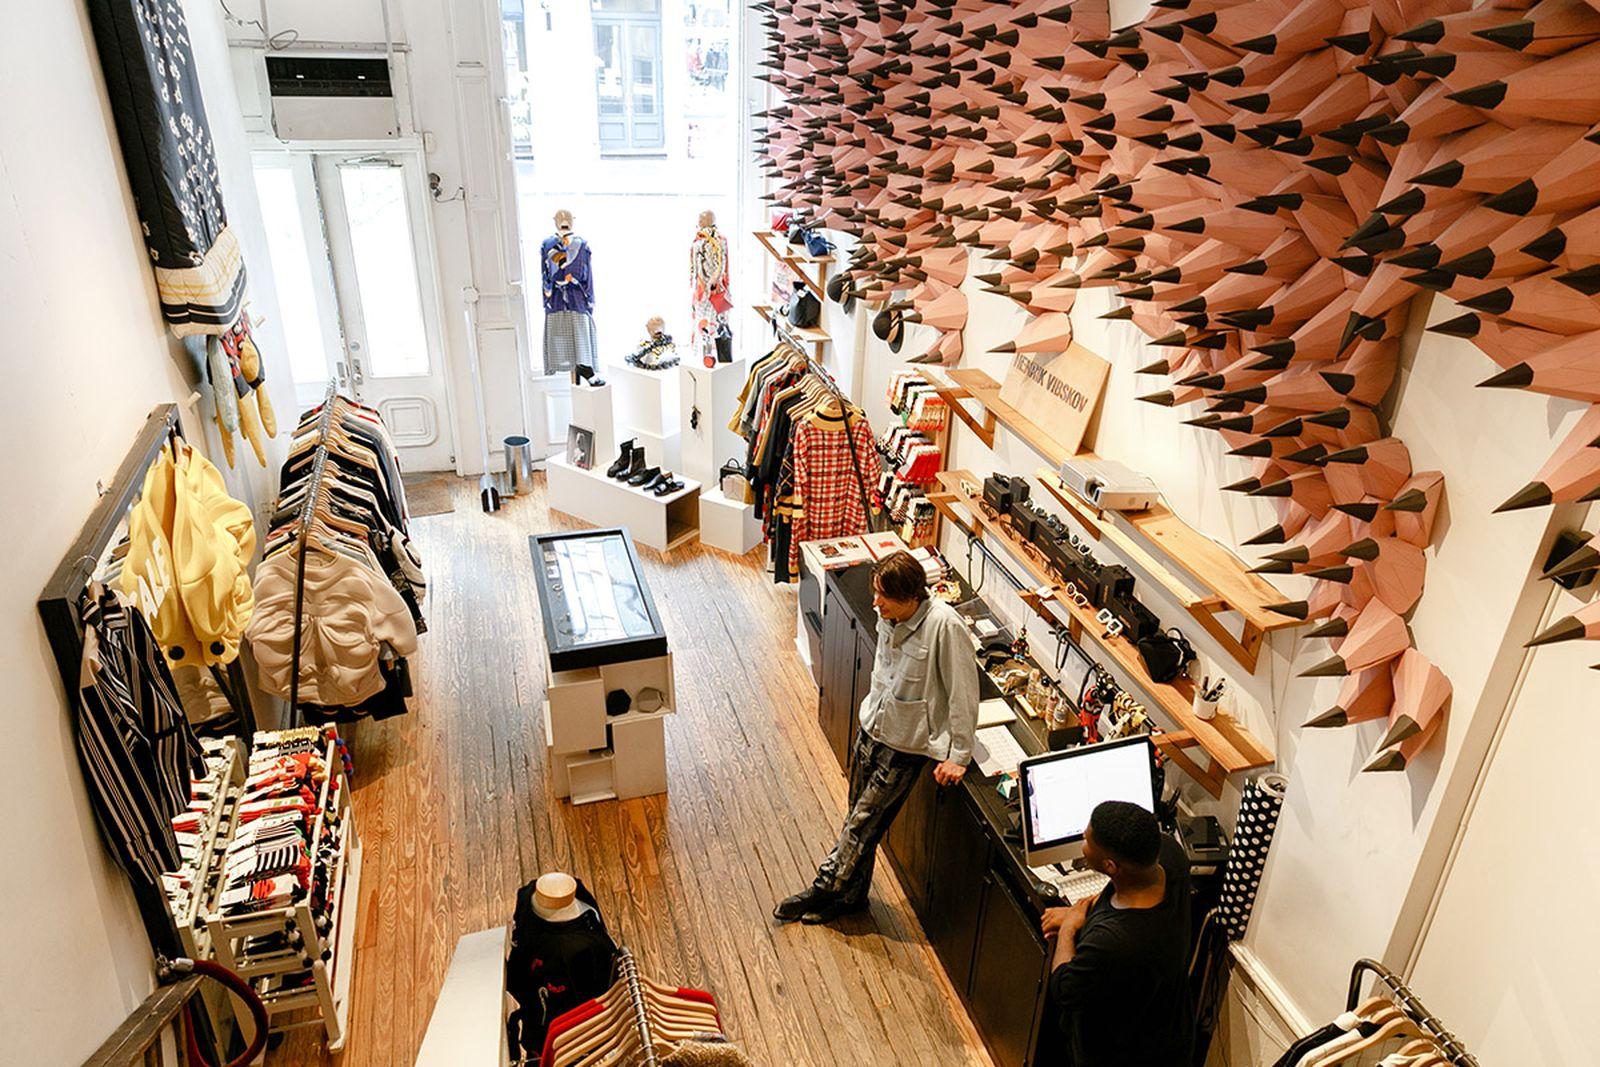 Henrik Vibskov NYC Clothing Stores AMEX american express platinum fashion